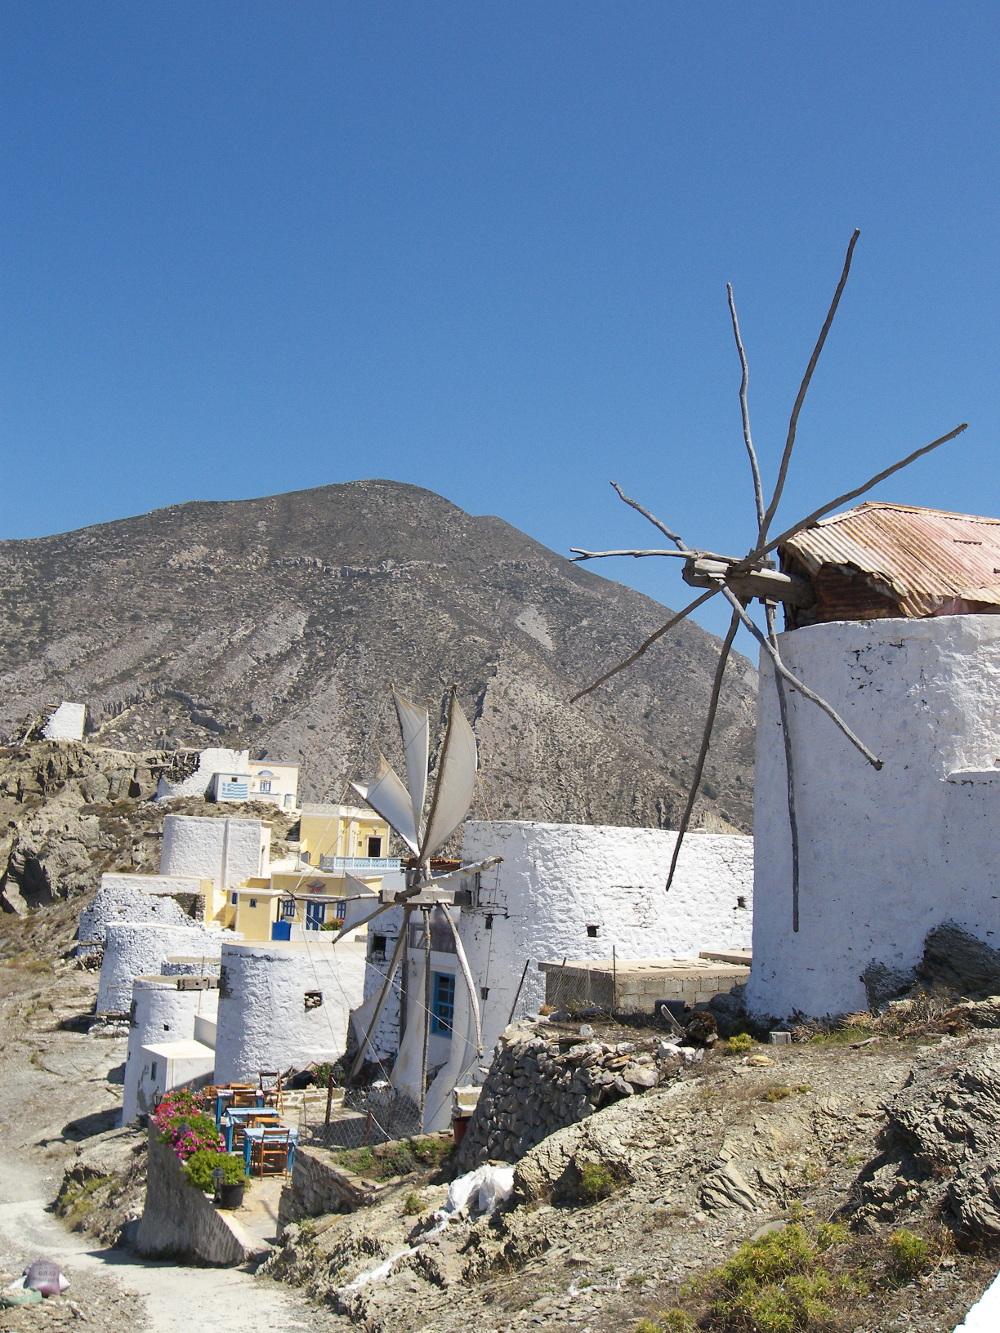 Παραδοσιακοί ανεμόμυλοι στην Κάρπαθο